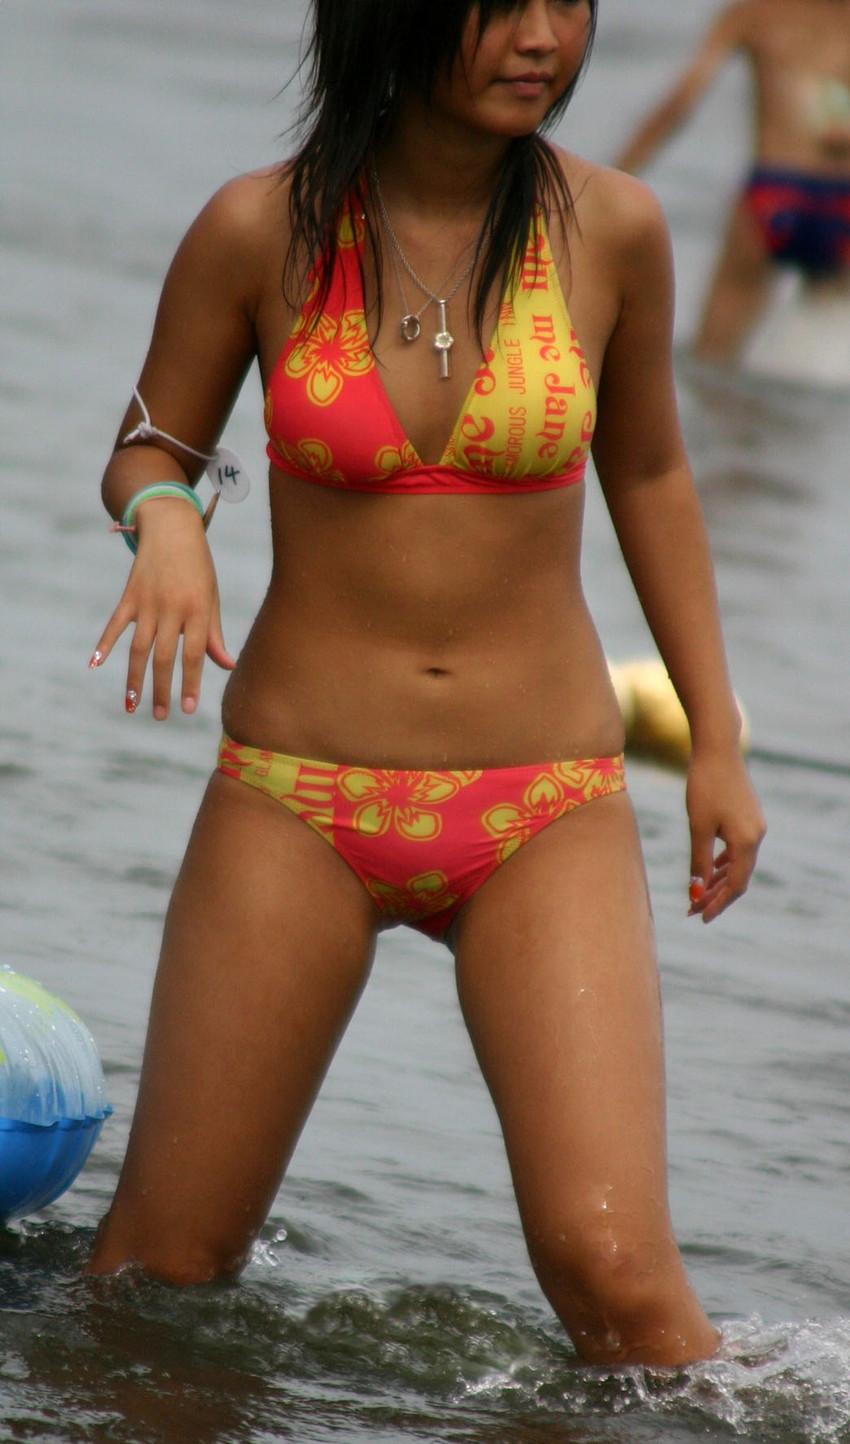 【素人水着エロ画像】素人娘たちの生々しい水着姿にドッキドキ!wwww